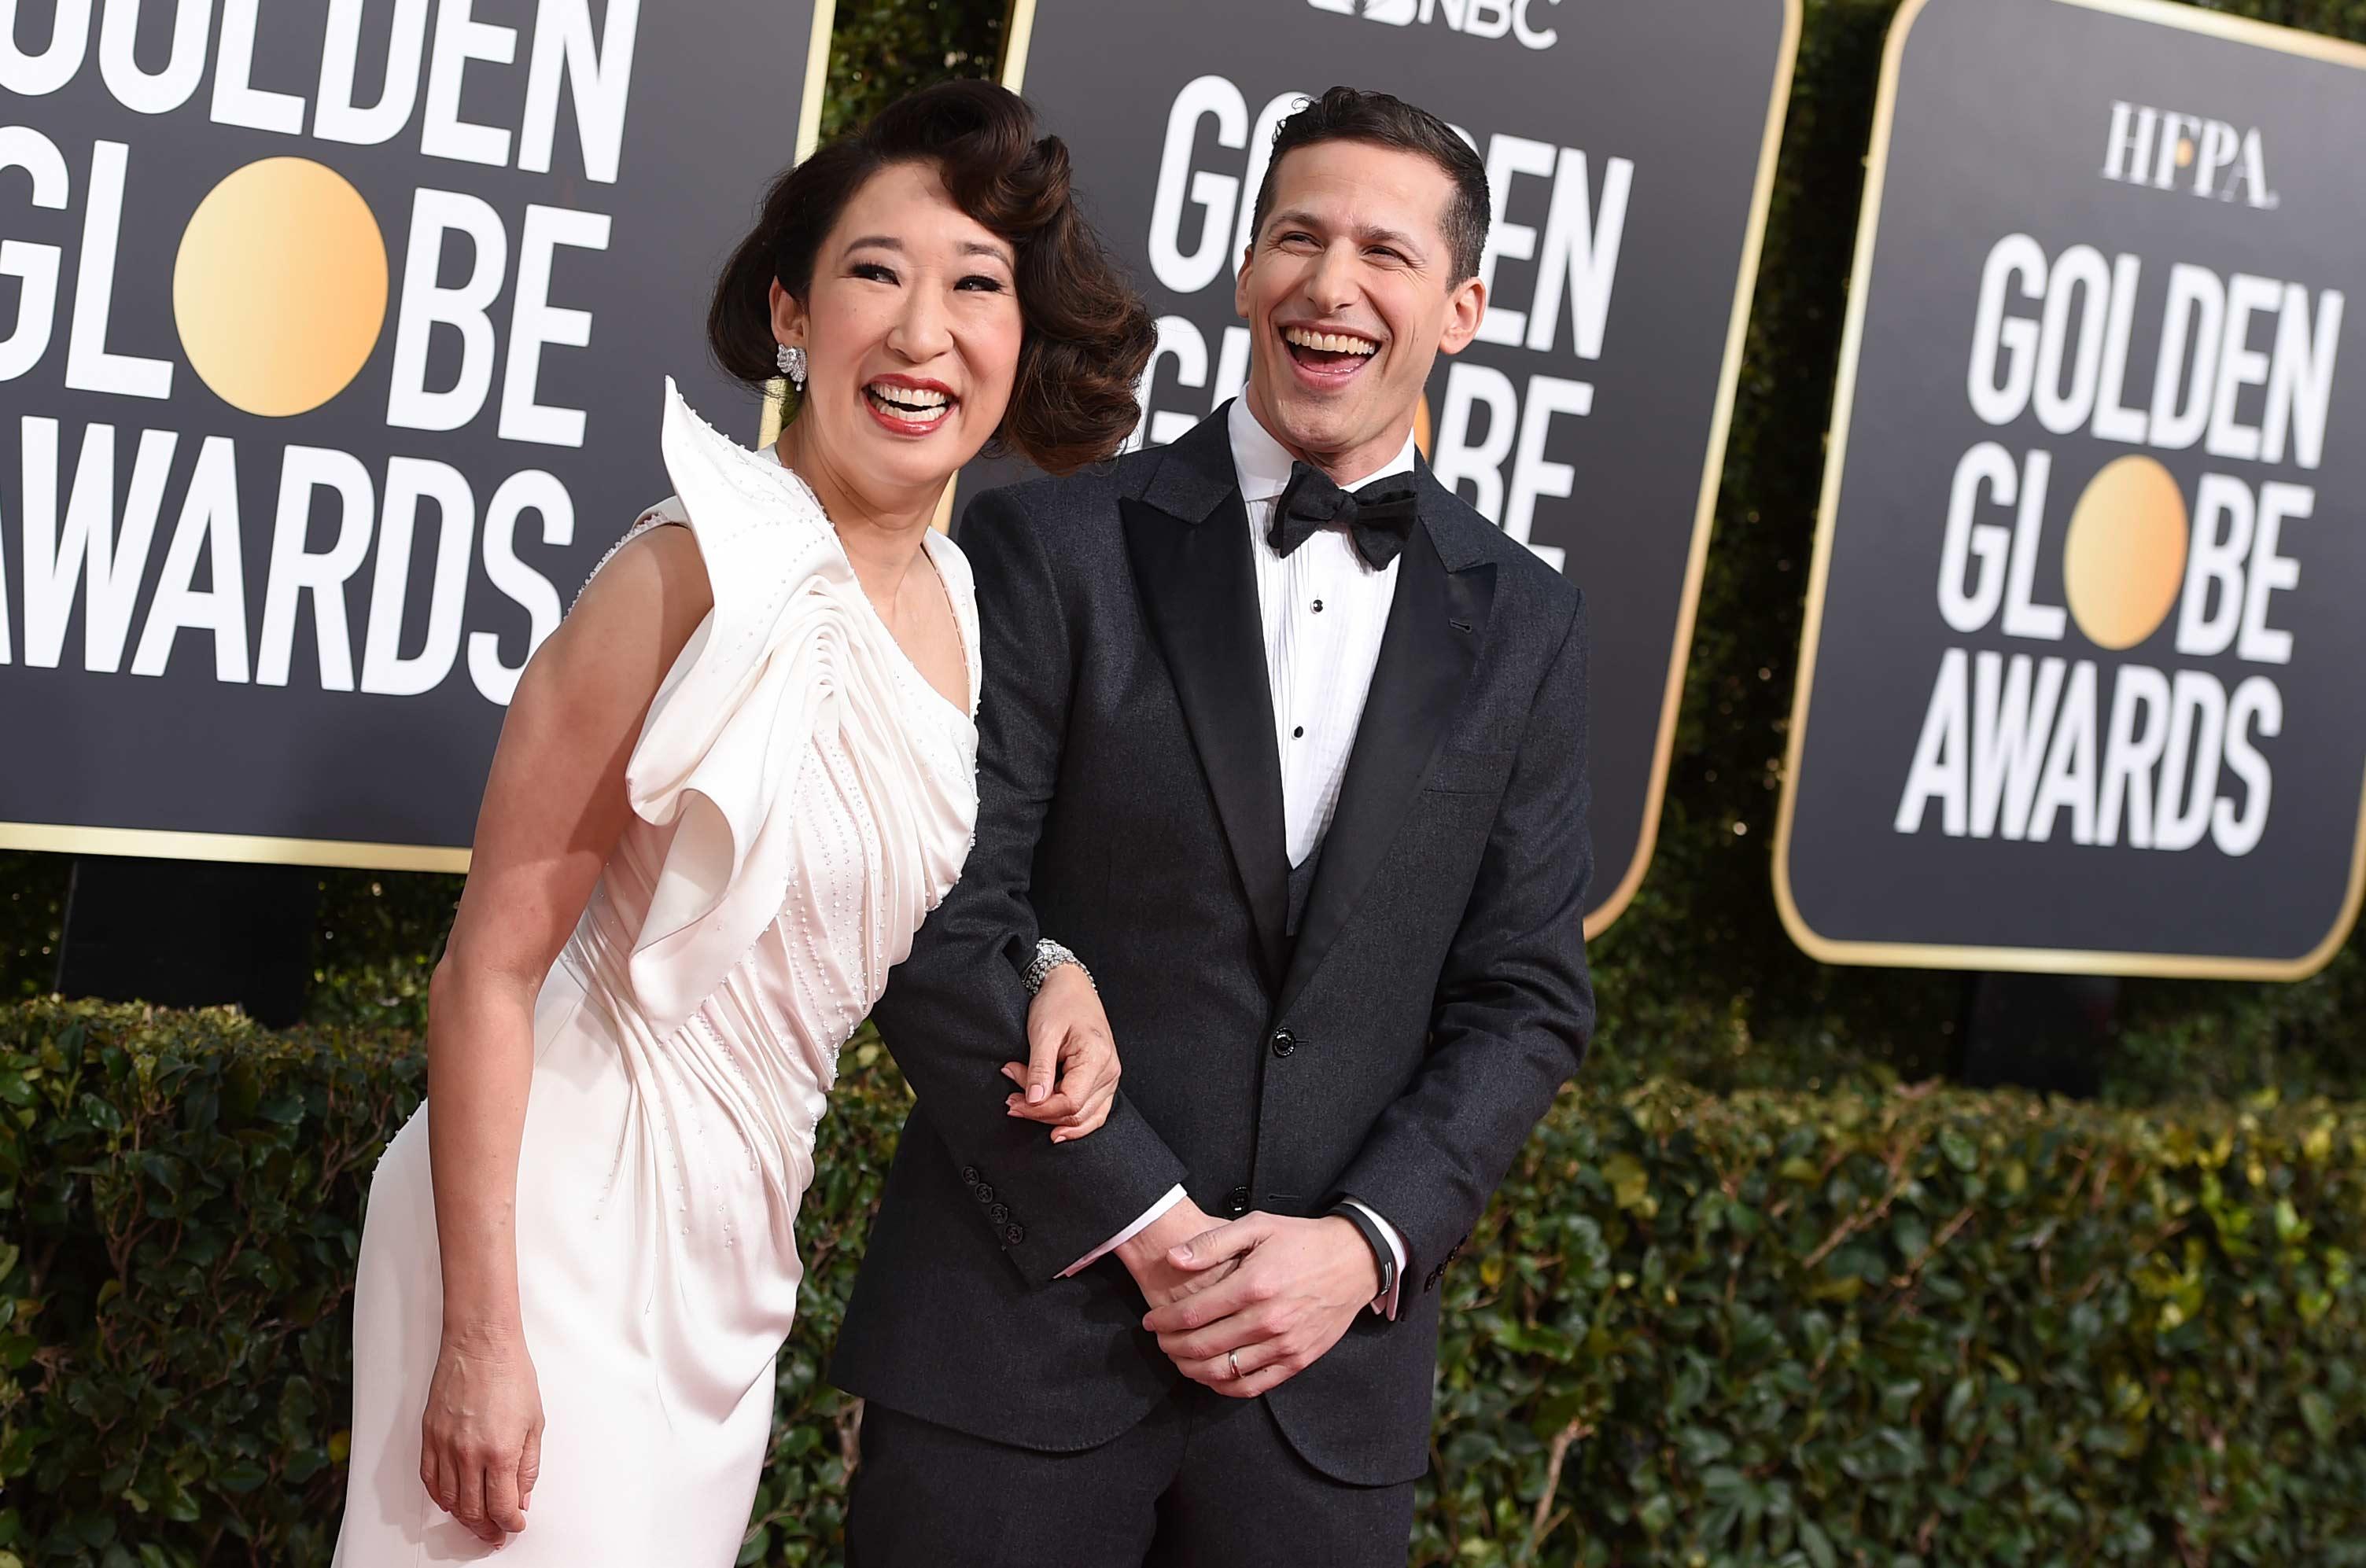 Sandra Oh y Andy Samberg, los presentadores de la noche de los Golden Globe, al llegar al evento. (Foto: AP)